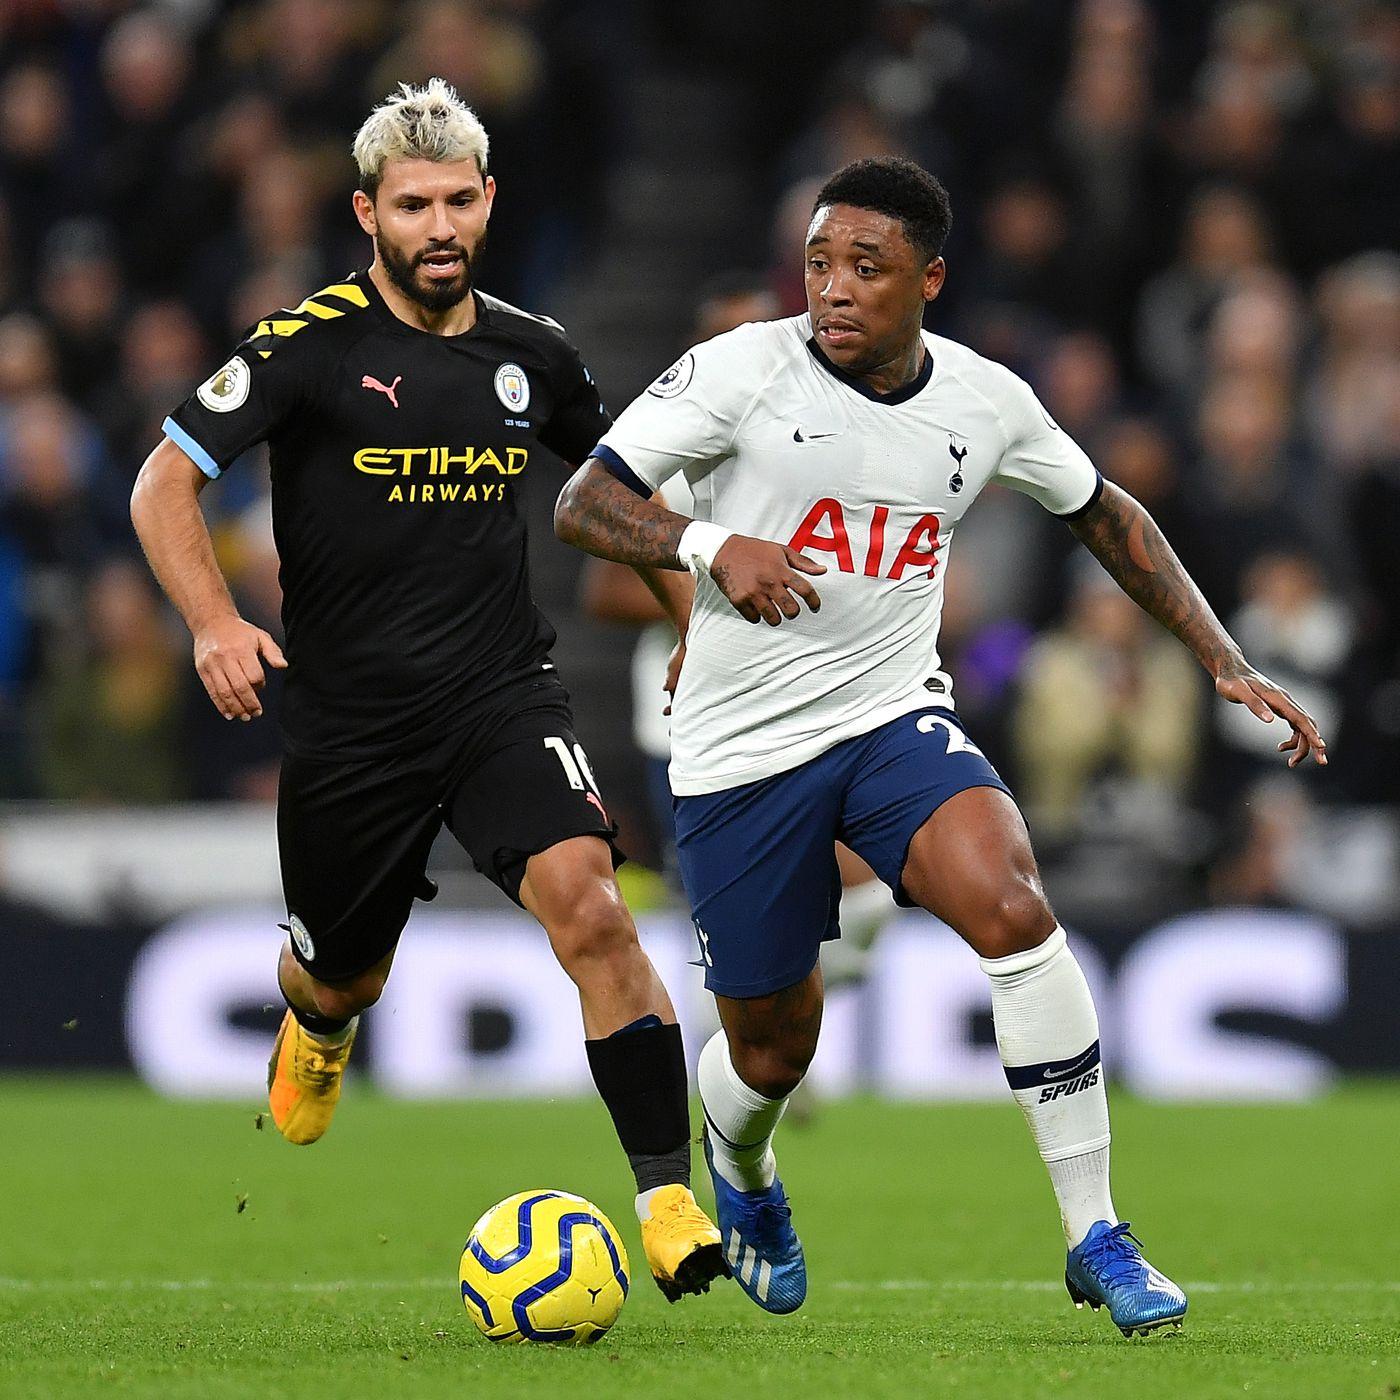 Tottenham Hotspur Vs Manchester City 2020 Premier League Match Time Tv Channels How To Watch Cartilage Free Captain